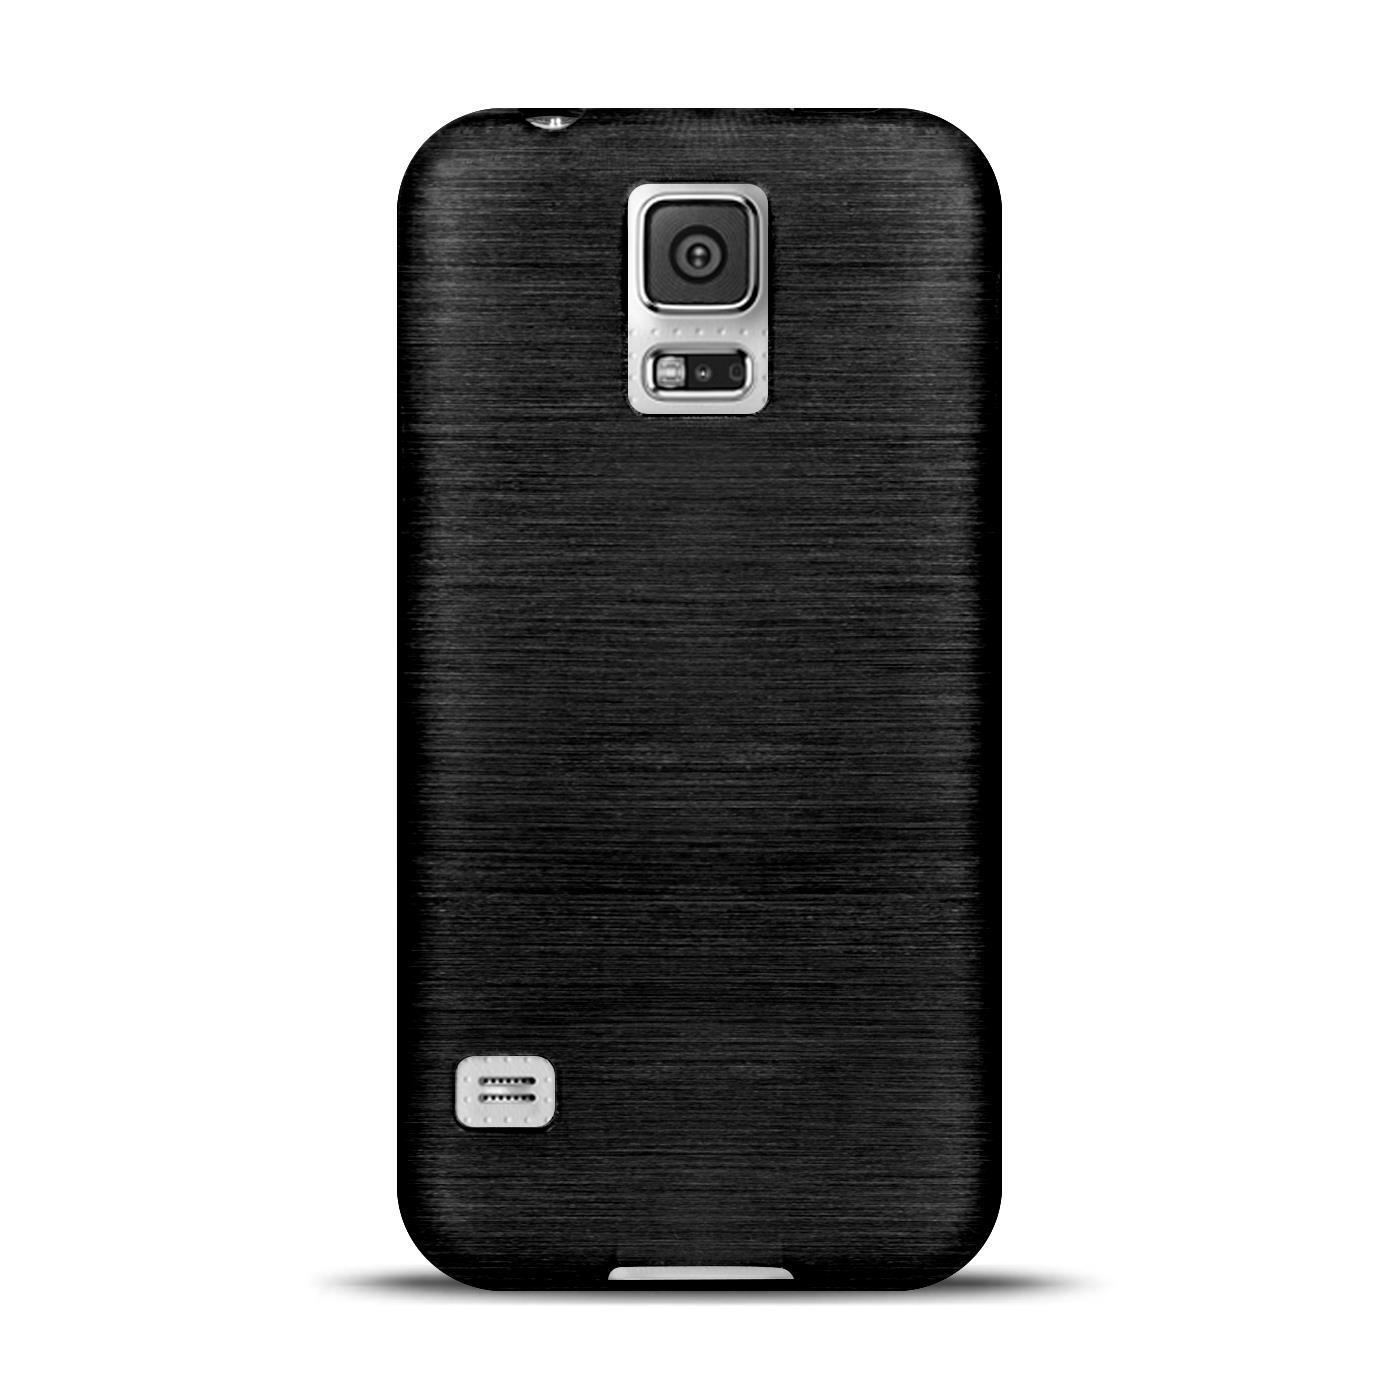 Silikon-Bumper-Case-Samsung-Galaxy-s5-Neo-duenne-ultra-slim-Stossfeste-Rueckschale Indexbild 38